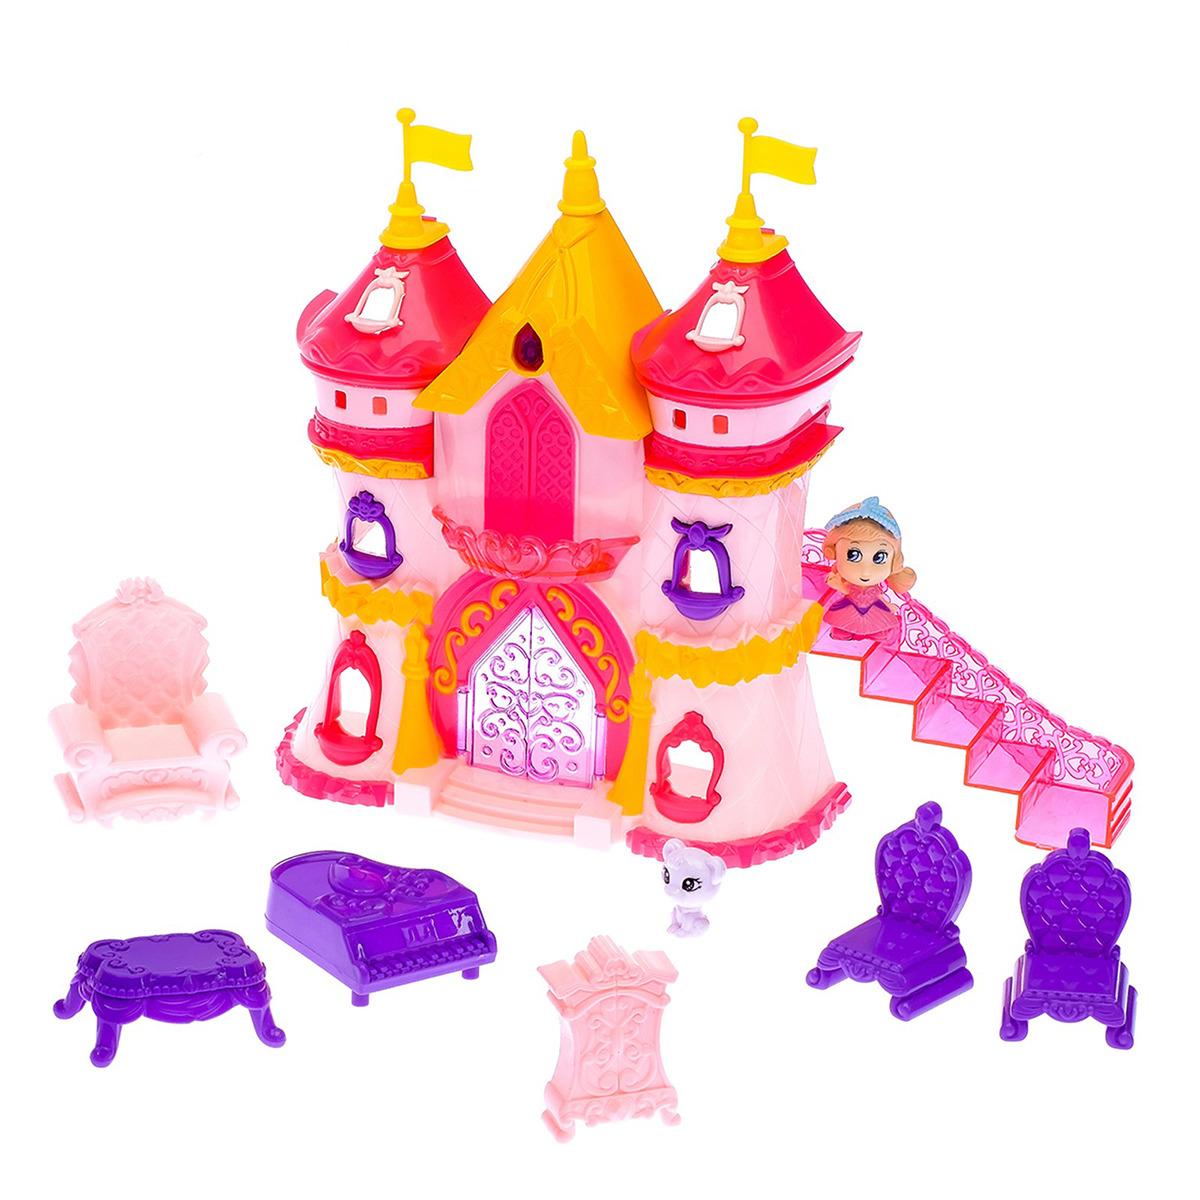 Замок для кукол, 2926882, с двумя башнями, мебелью и фигурками замок с башнями в коробке treetone